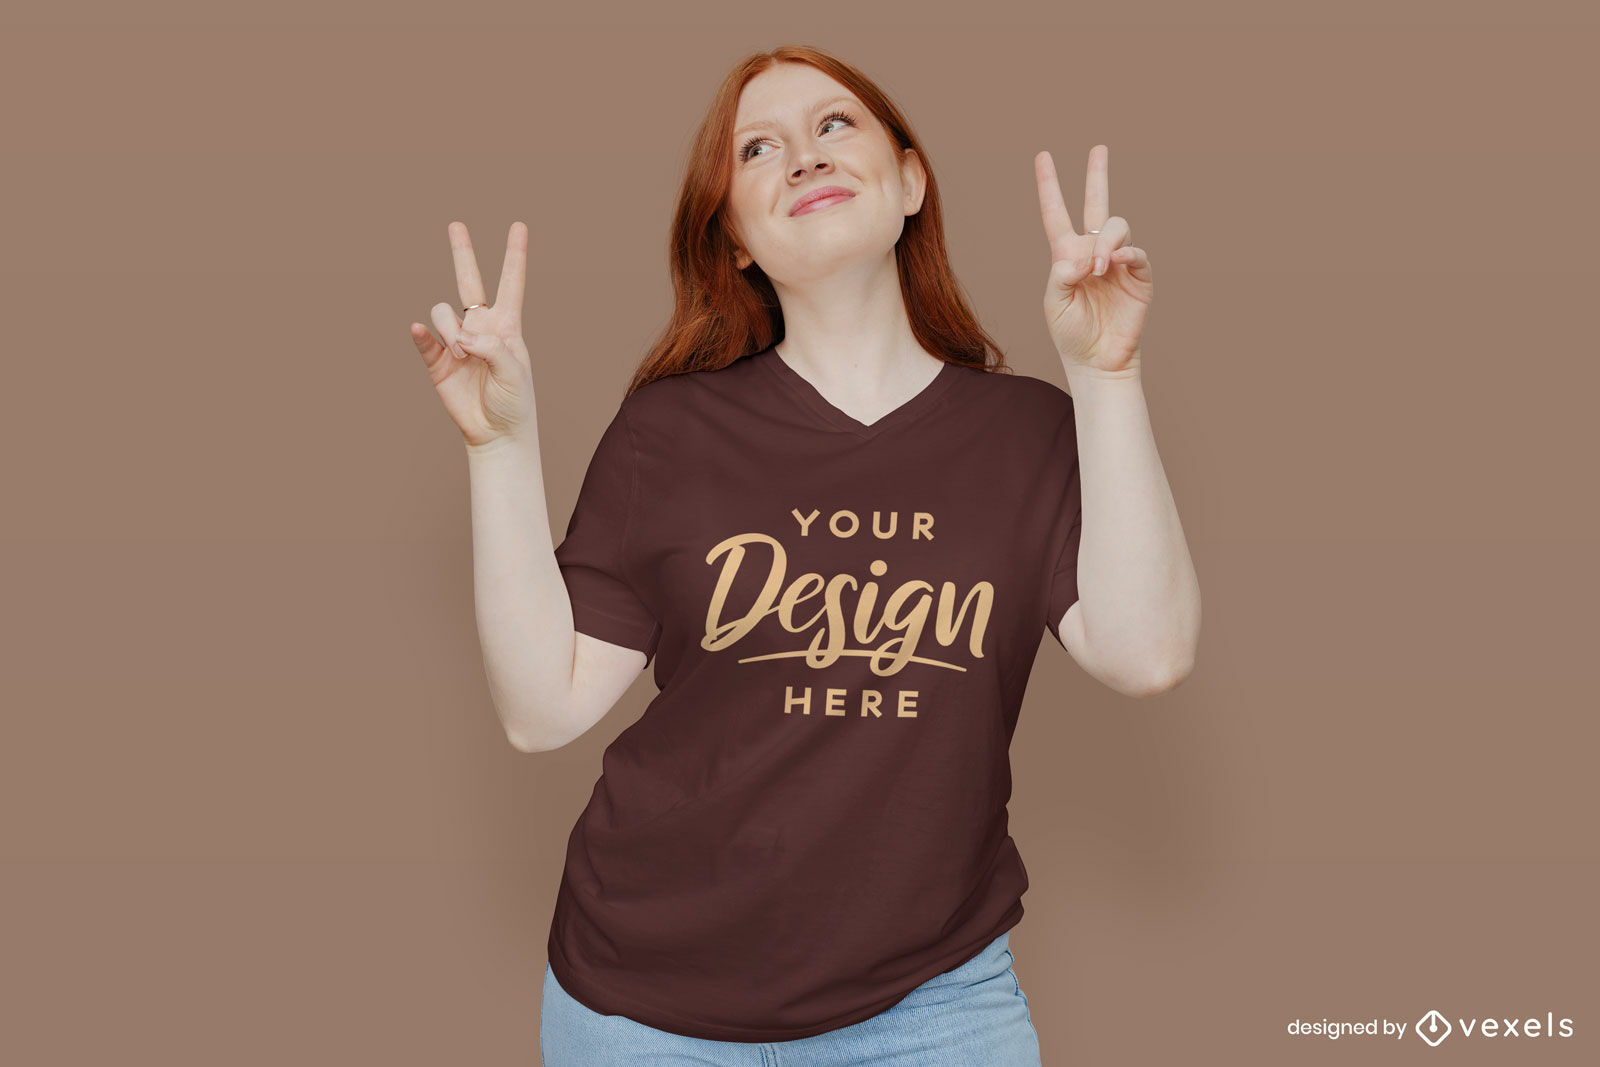 Chica en maqueta de camiseta marr?n